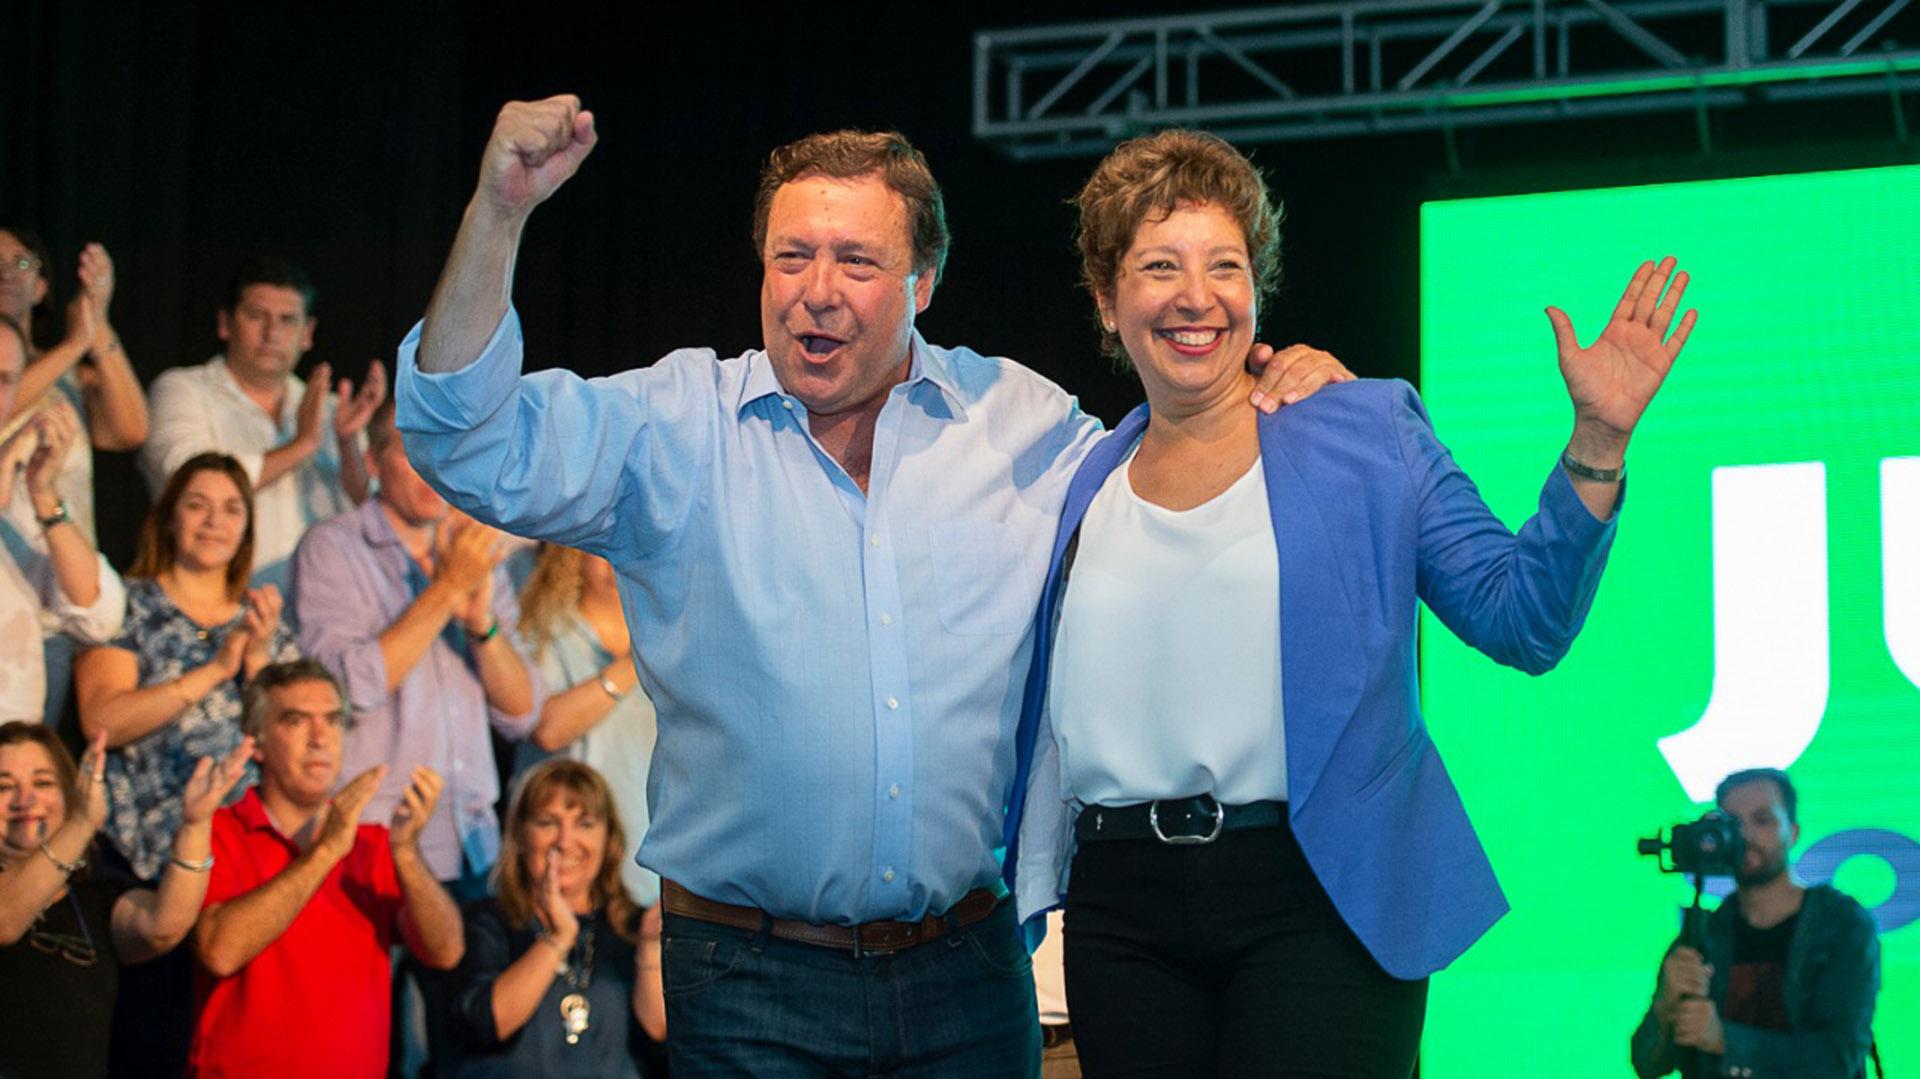 El gobernador de Río Negro respaldó la candidatura de Carreras